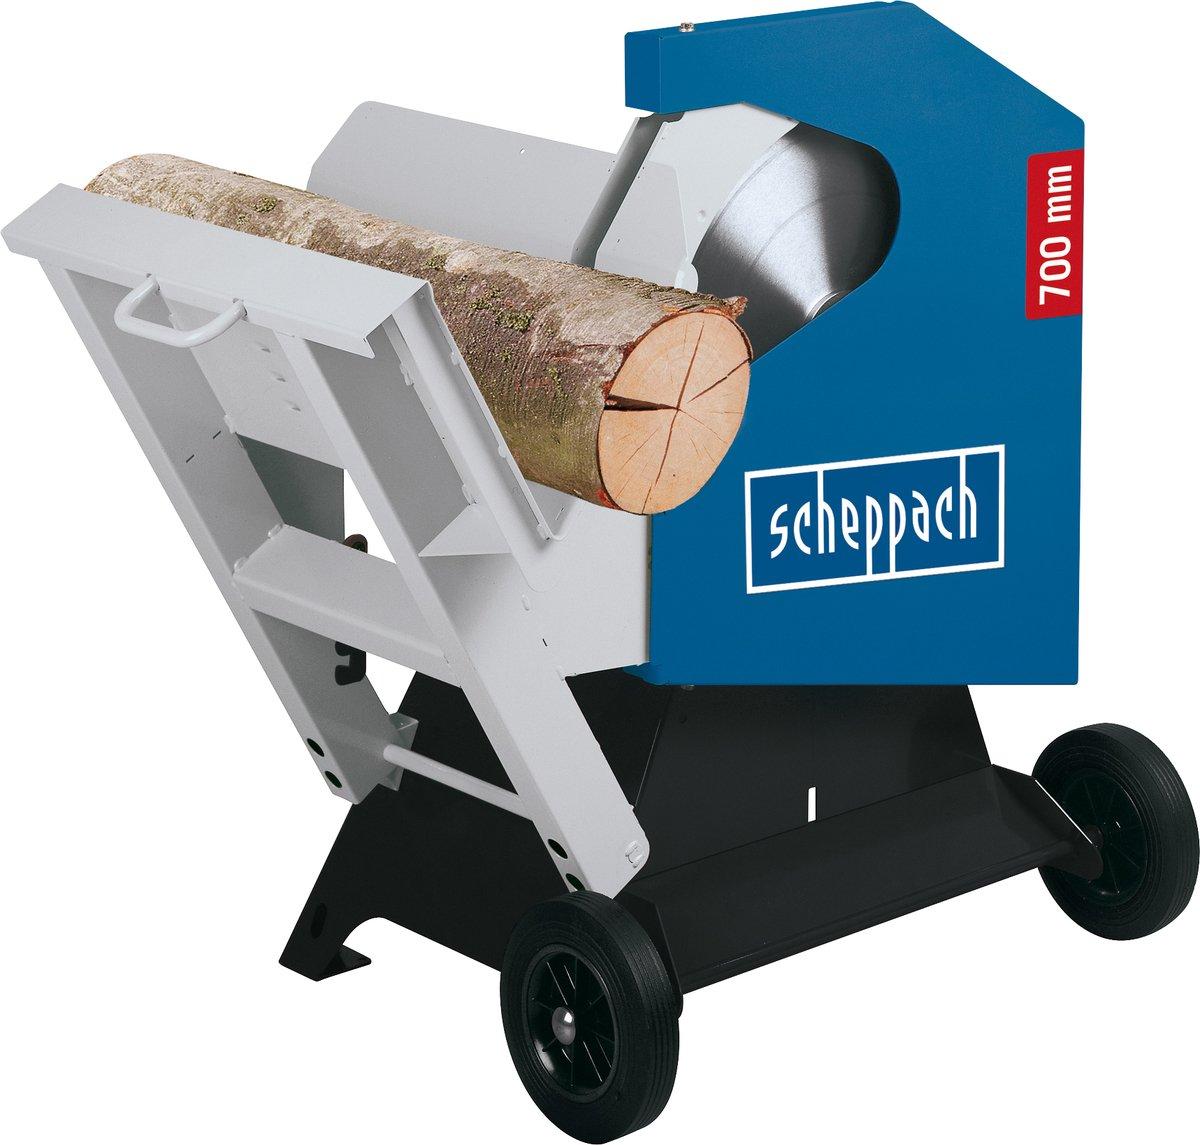 Scheppach Wippsäge wox 700 mm